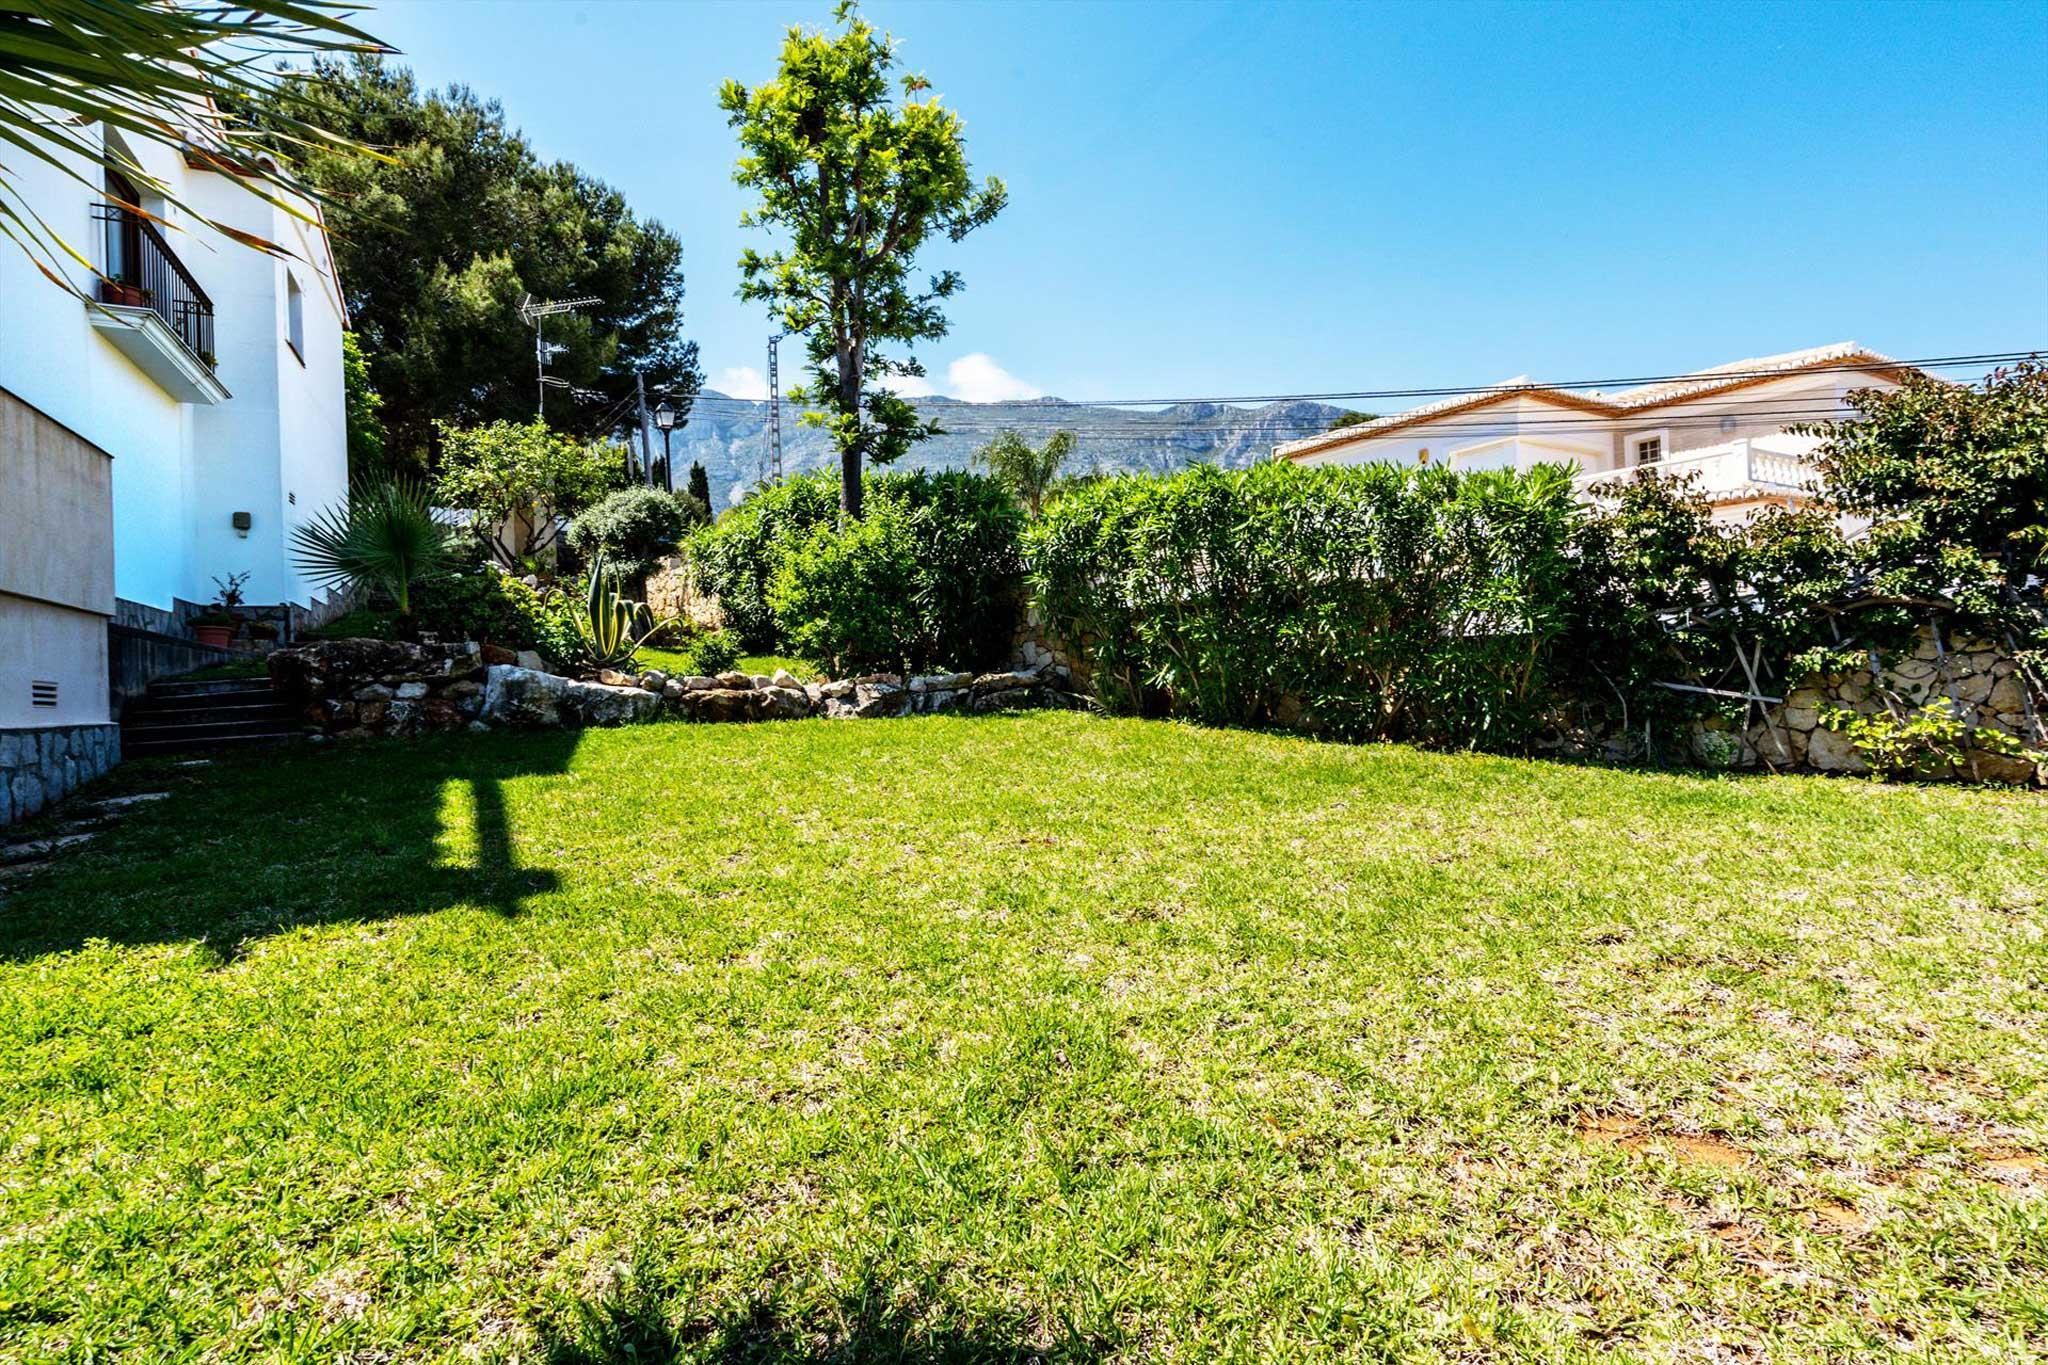 Casa vacaciones en Denia – Quality Rent a Villa